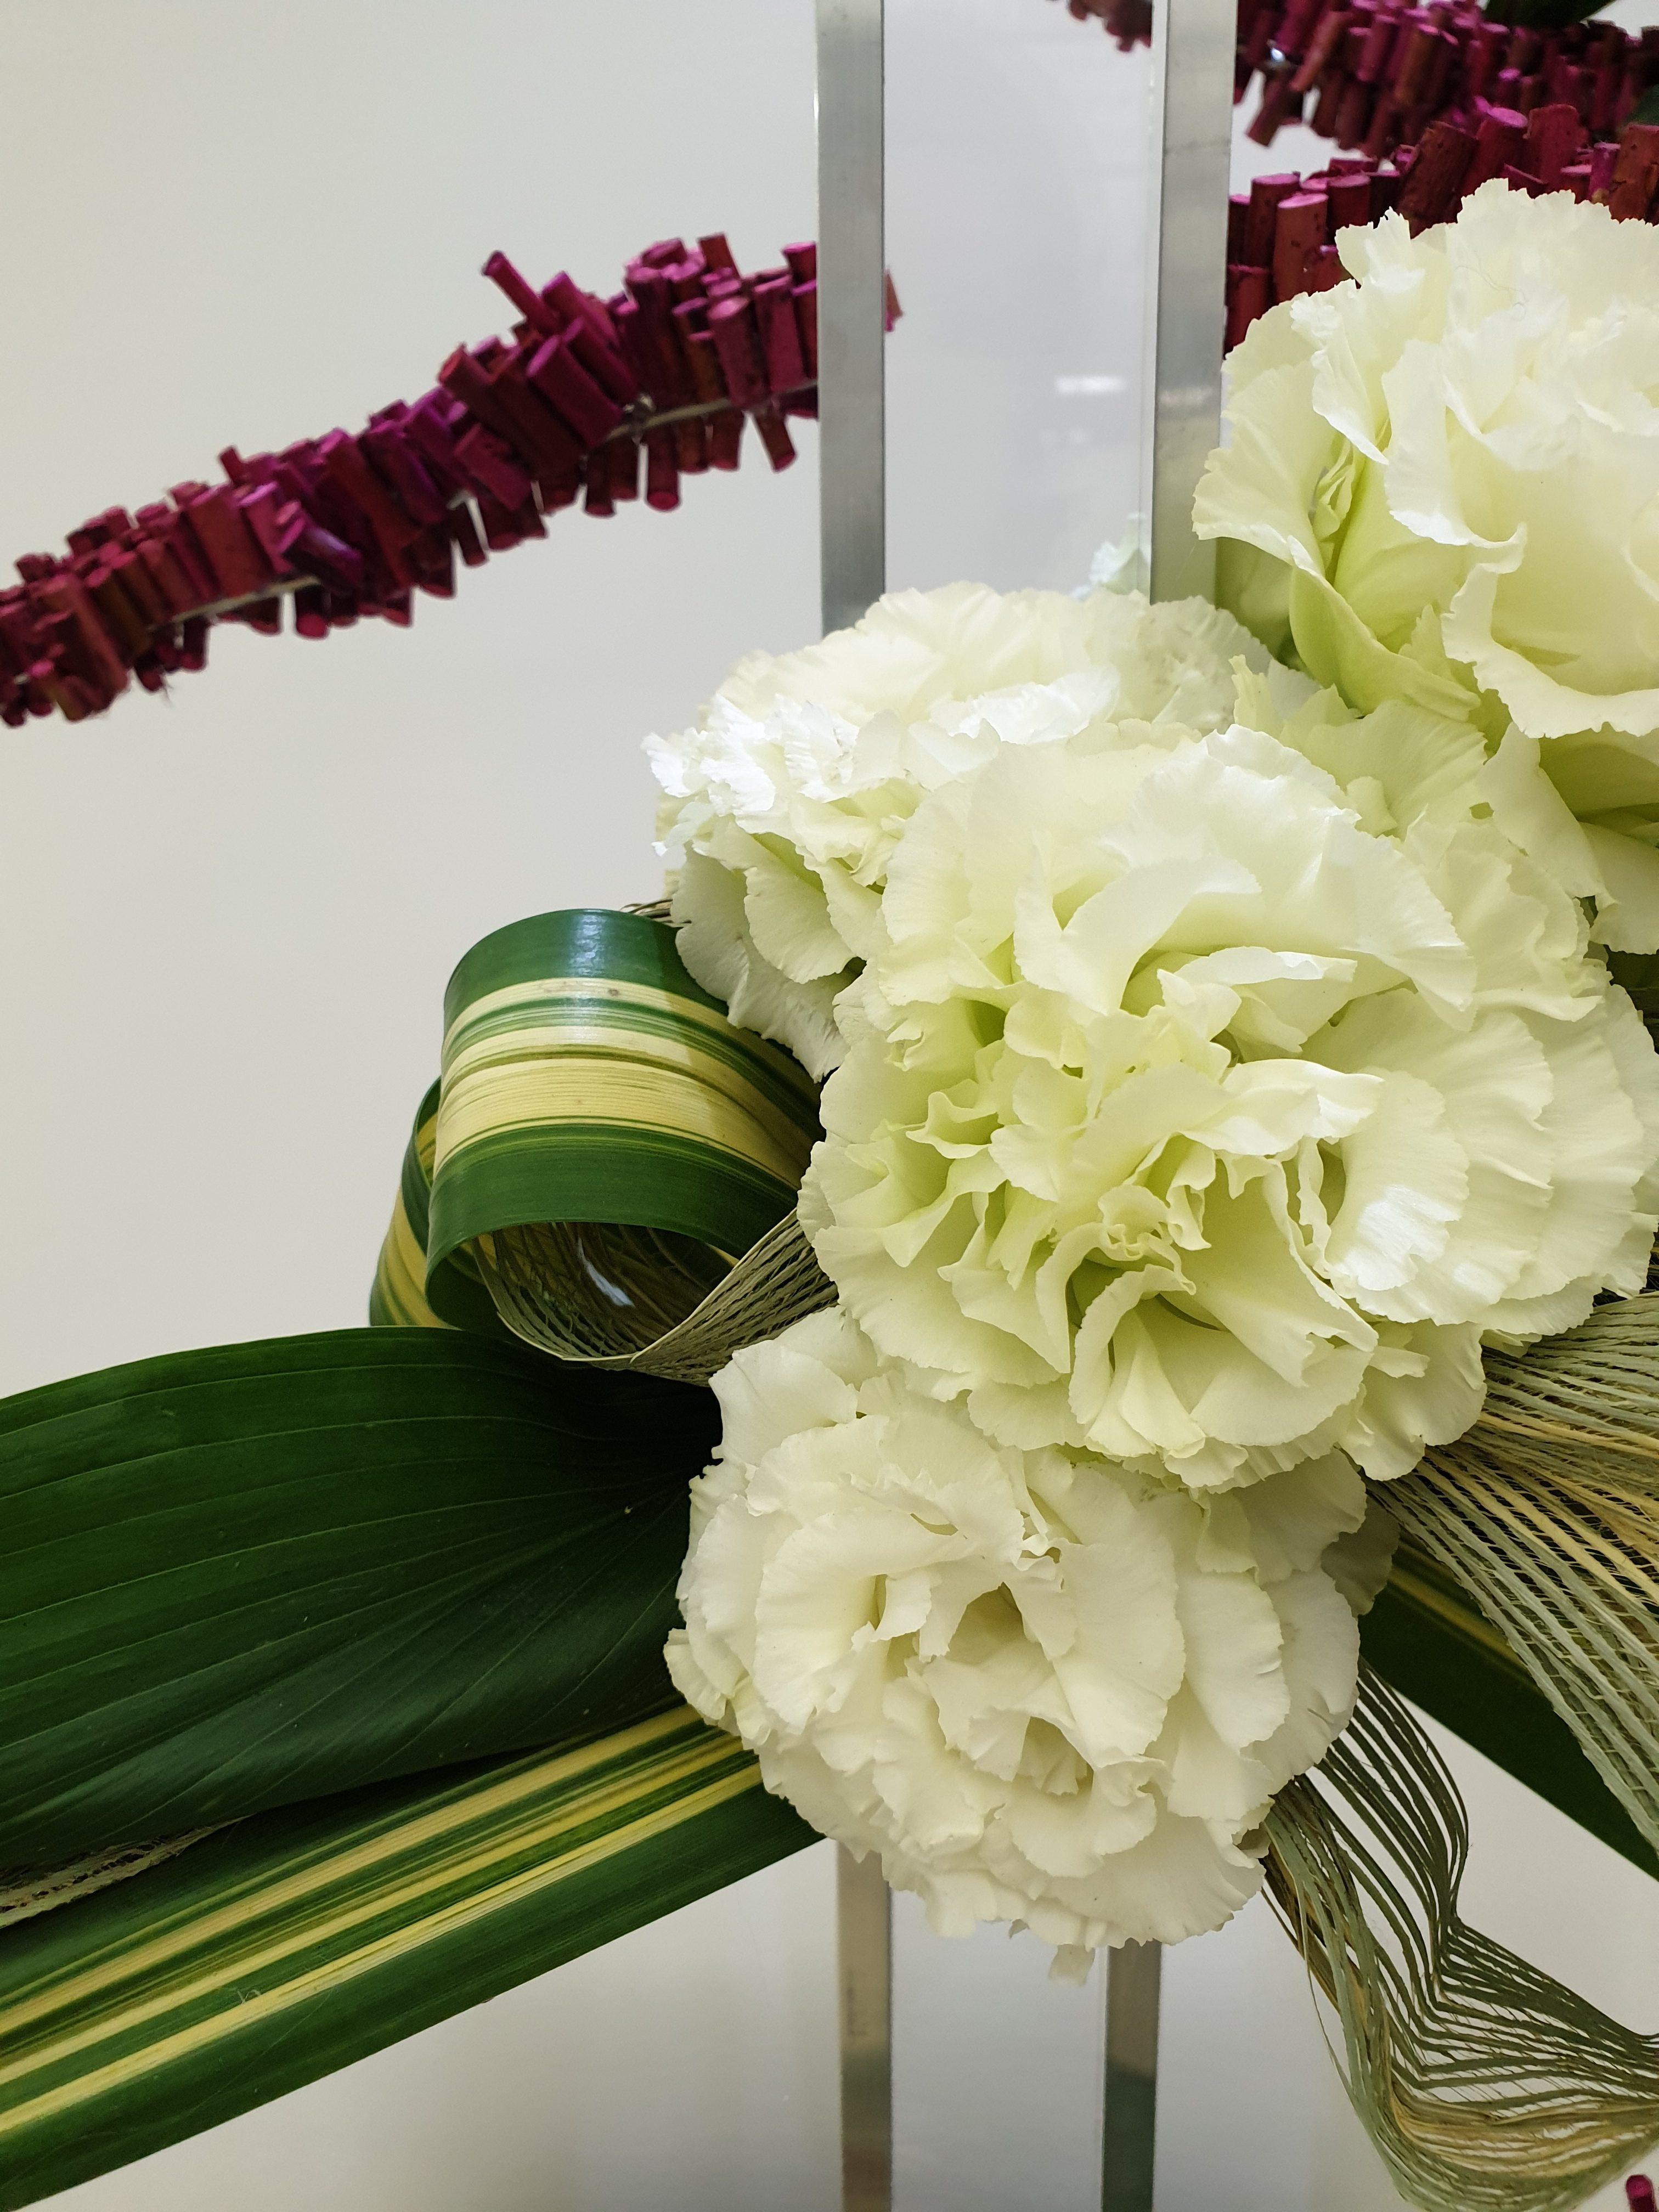 Ou Acheter De La Mousse Pour Piquer Des Fleurs section art floral archives - société nationale d